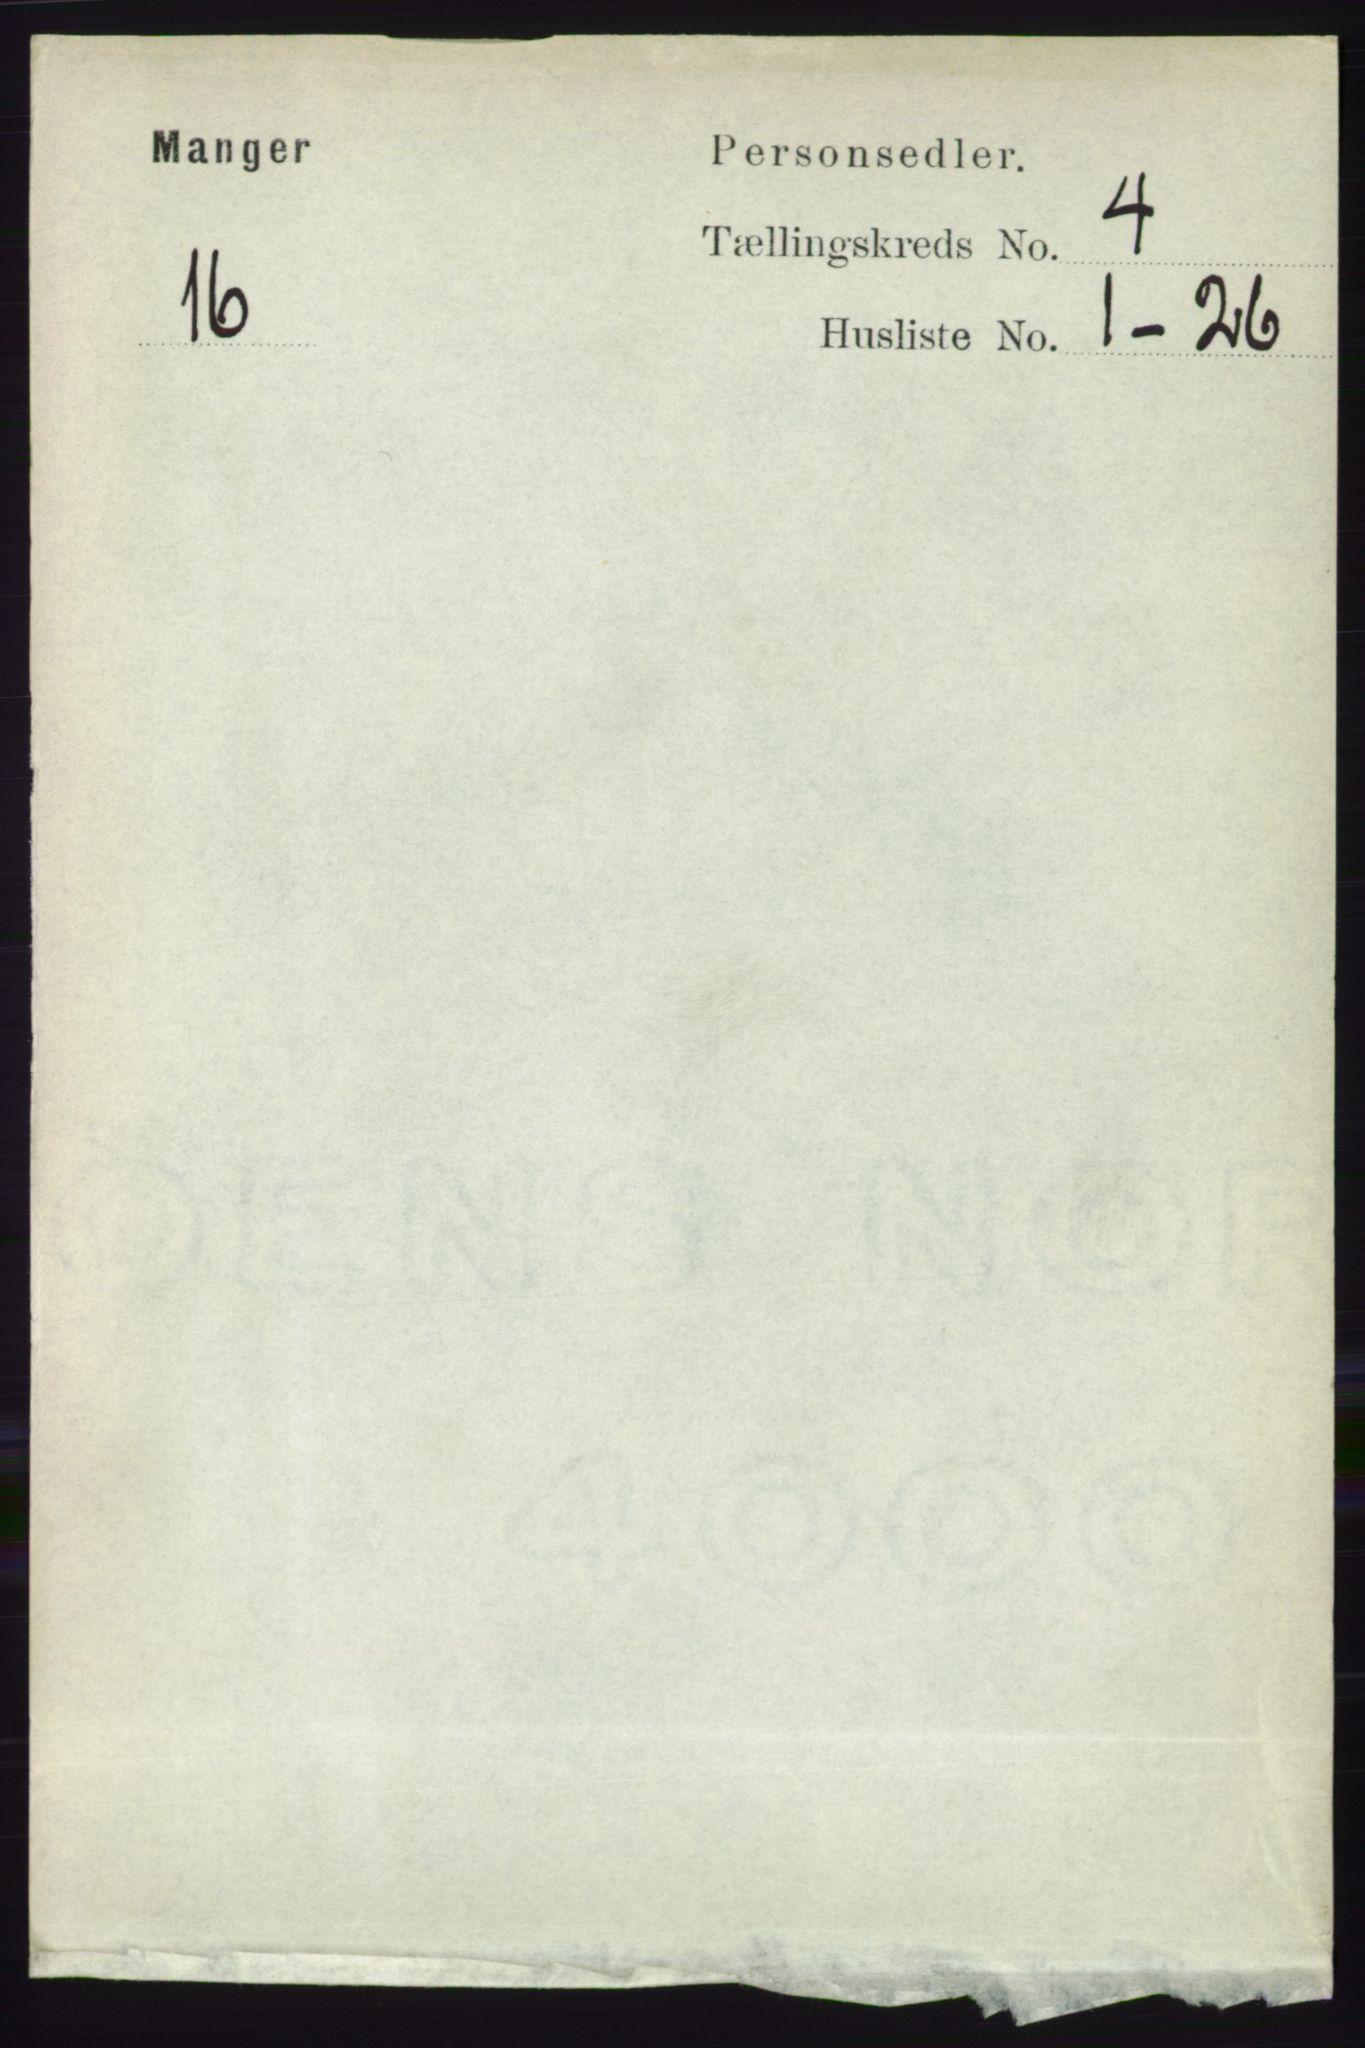 RA, Folketelling 1891 for 1261 Manger herred, 1891, s. 1950